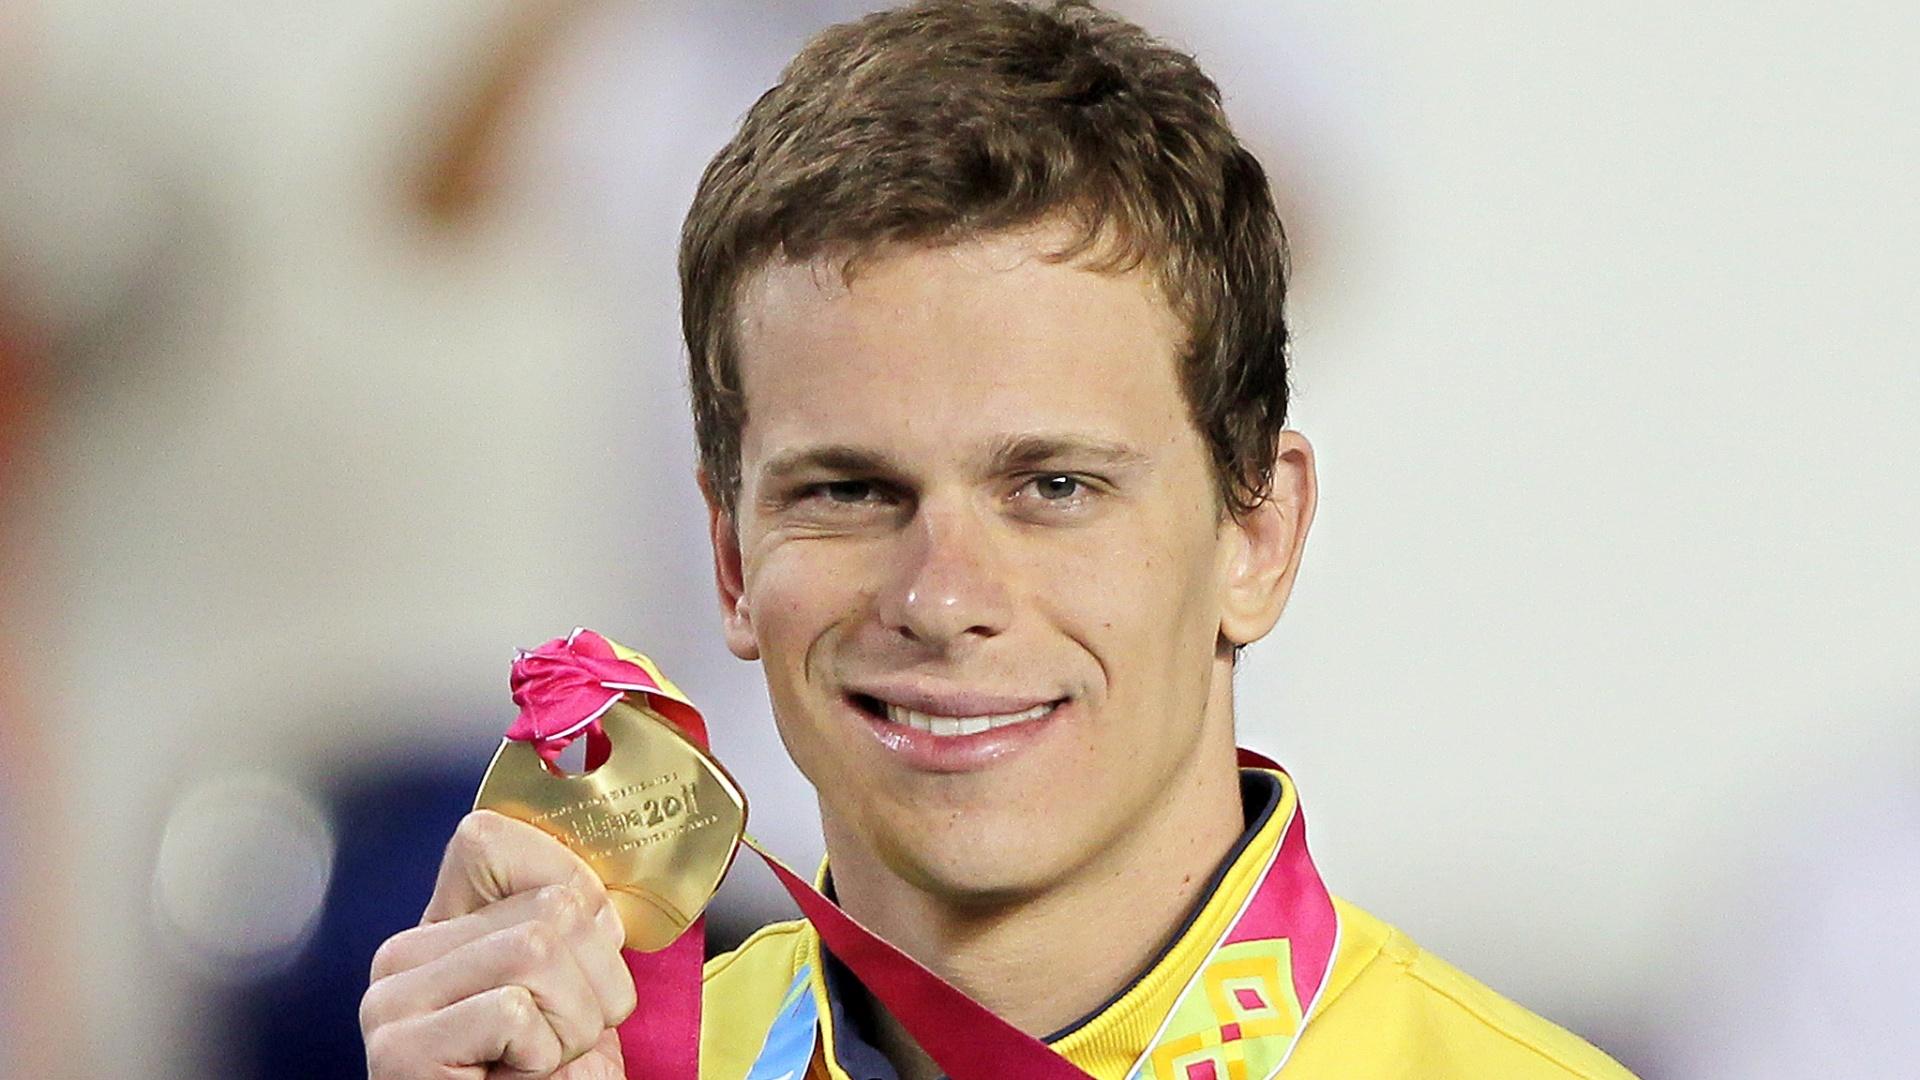 Cesar Cielo exibe com orgulho a sua medalha de ouro, conquistada nos 100m livre